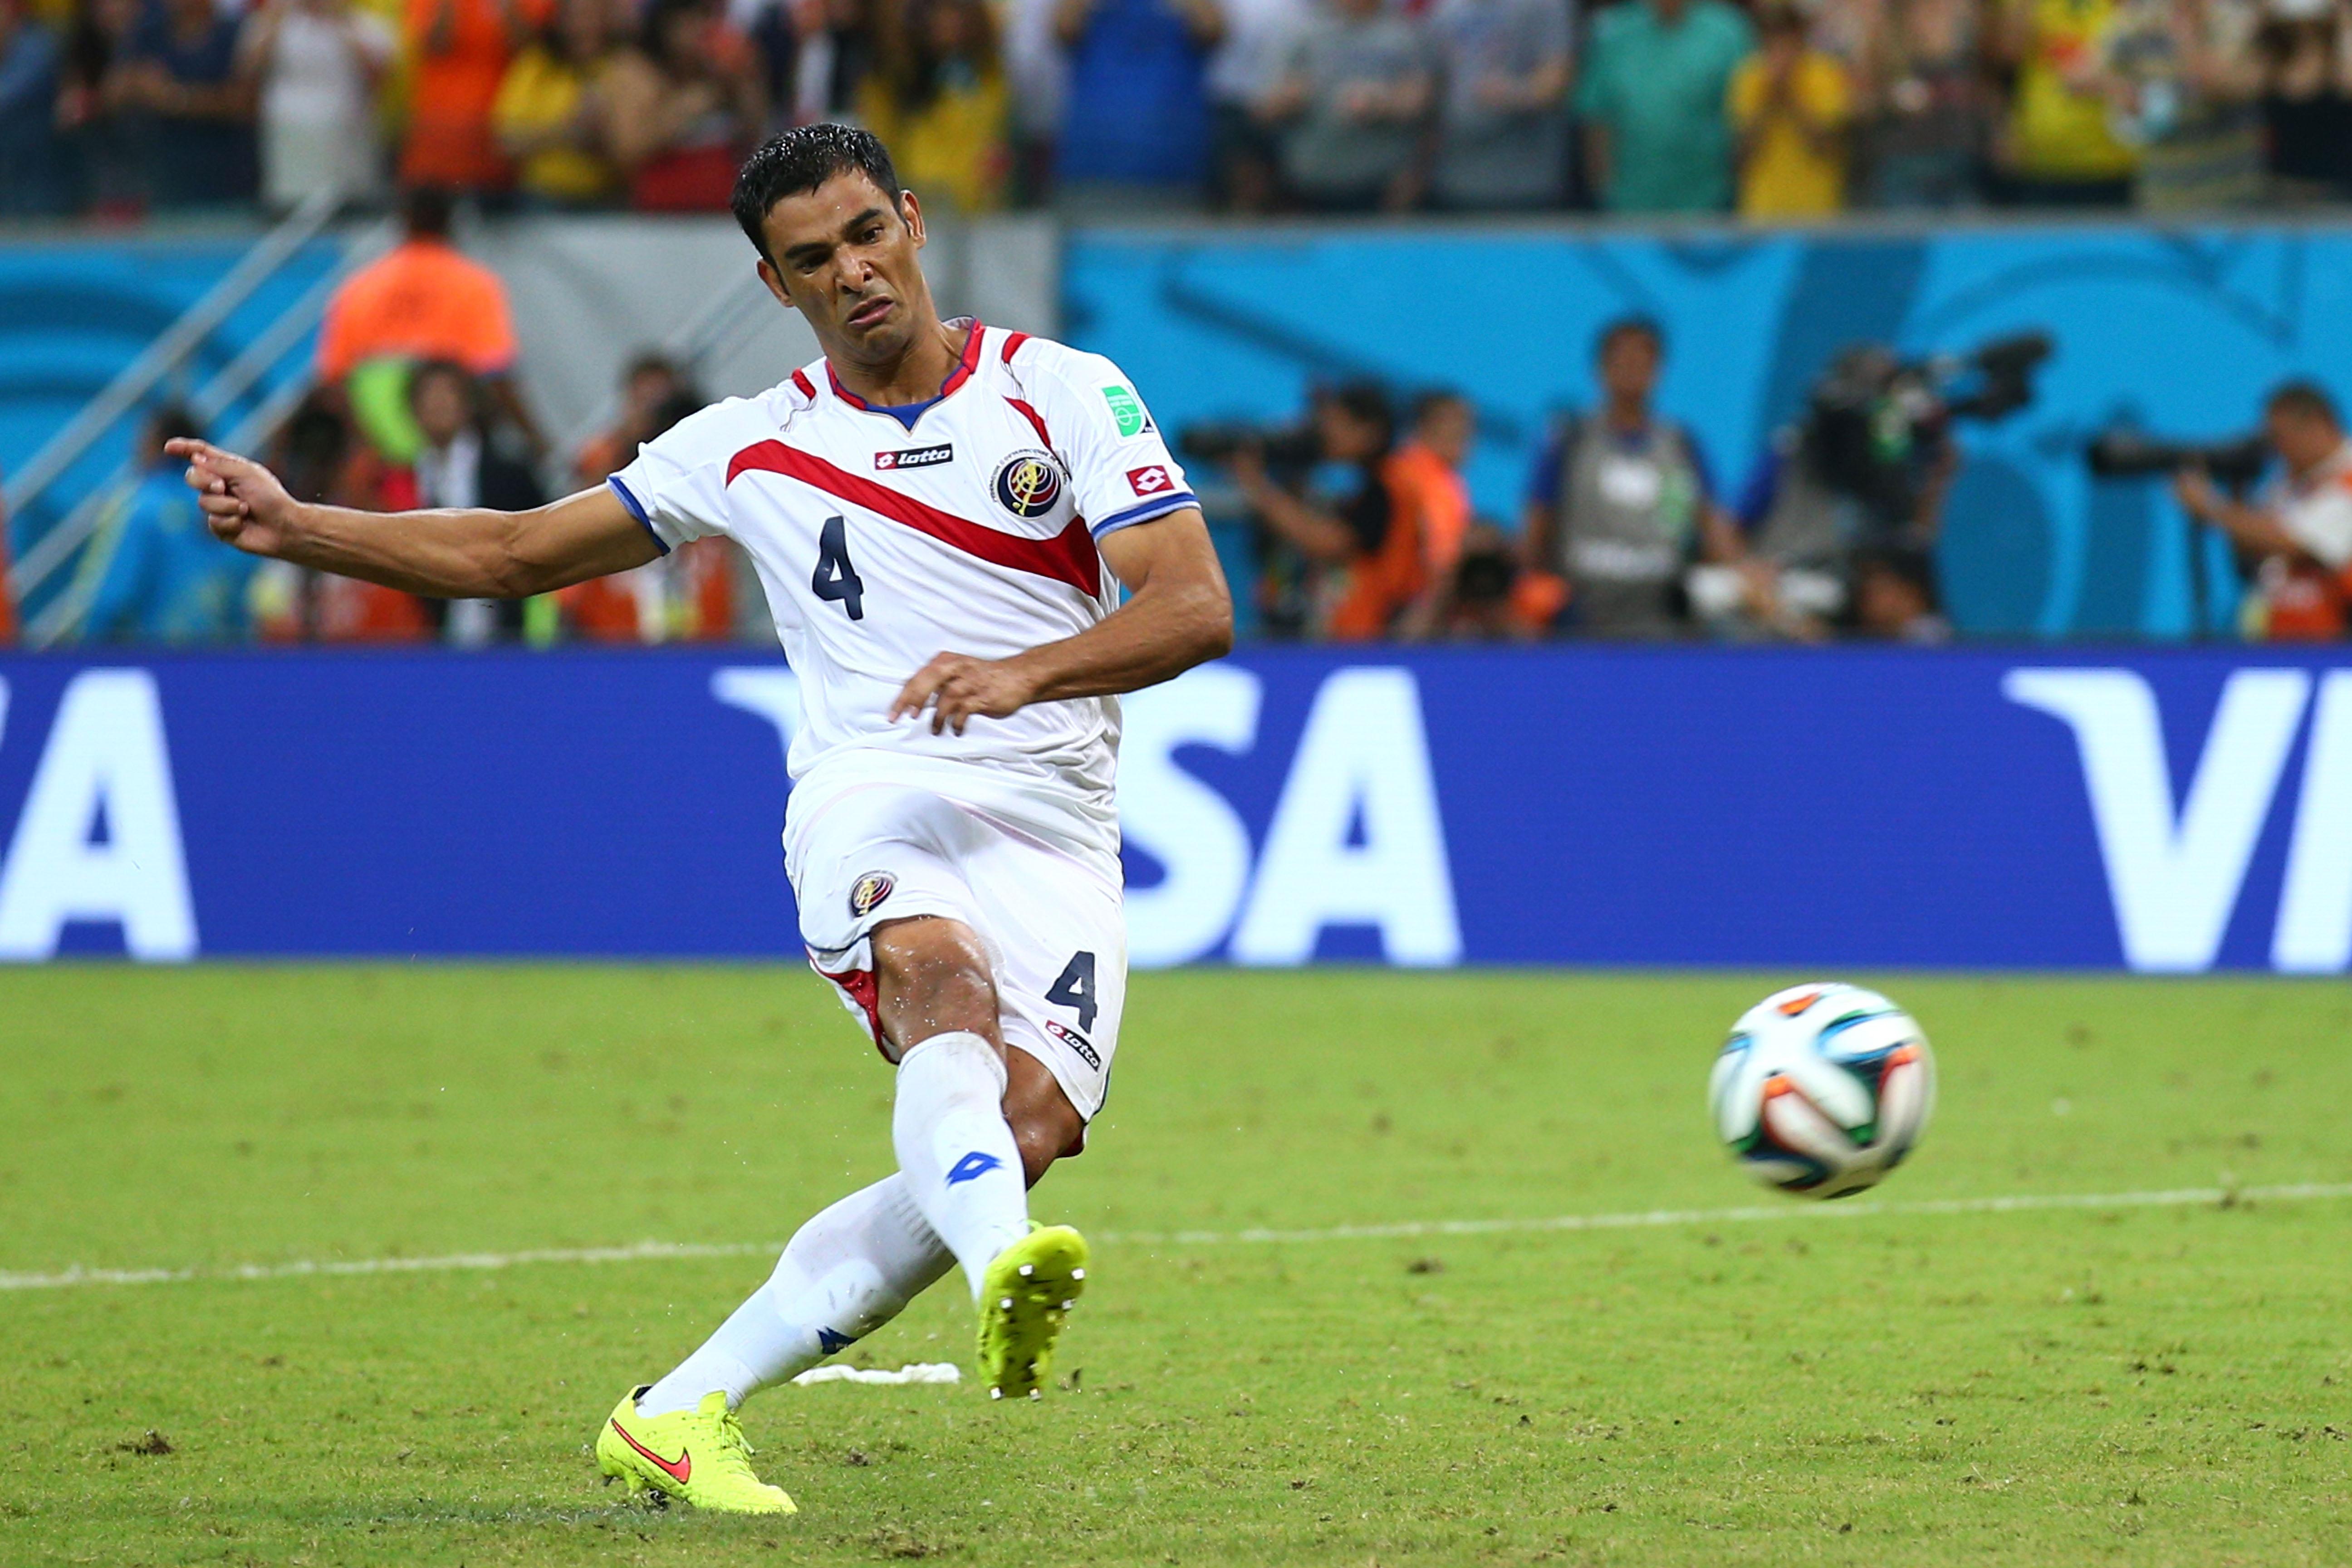 Eil – Costa Rica gegen Griechenland: Nach 1:1 dramatisches Elfmeterschießen mit 5:3 (Video)